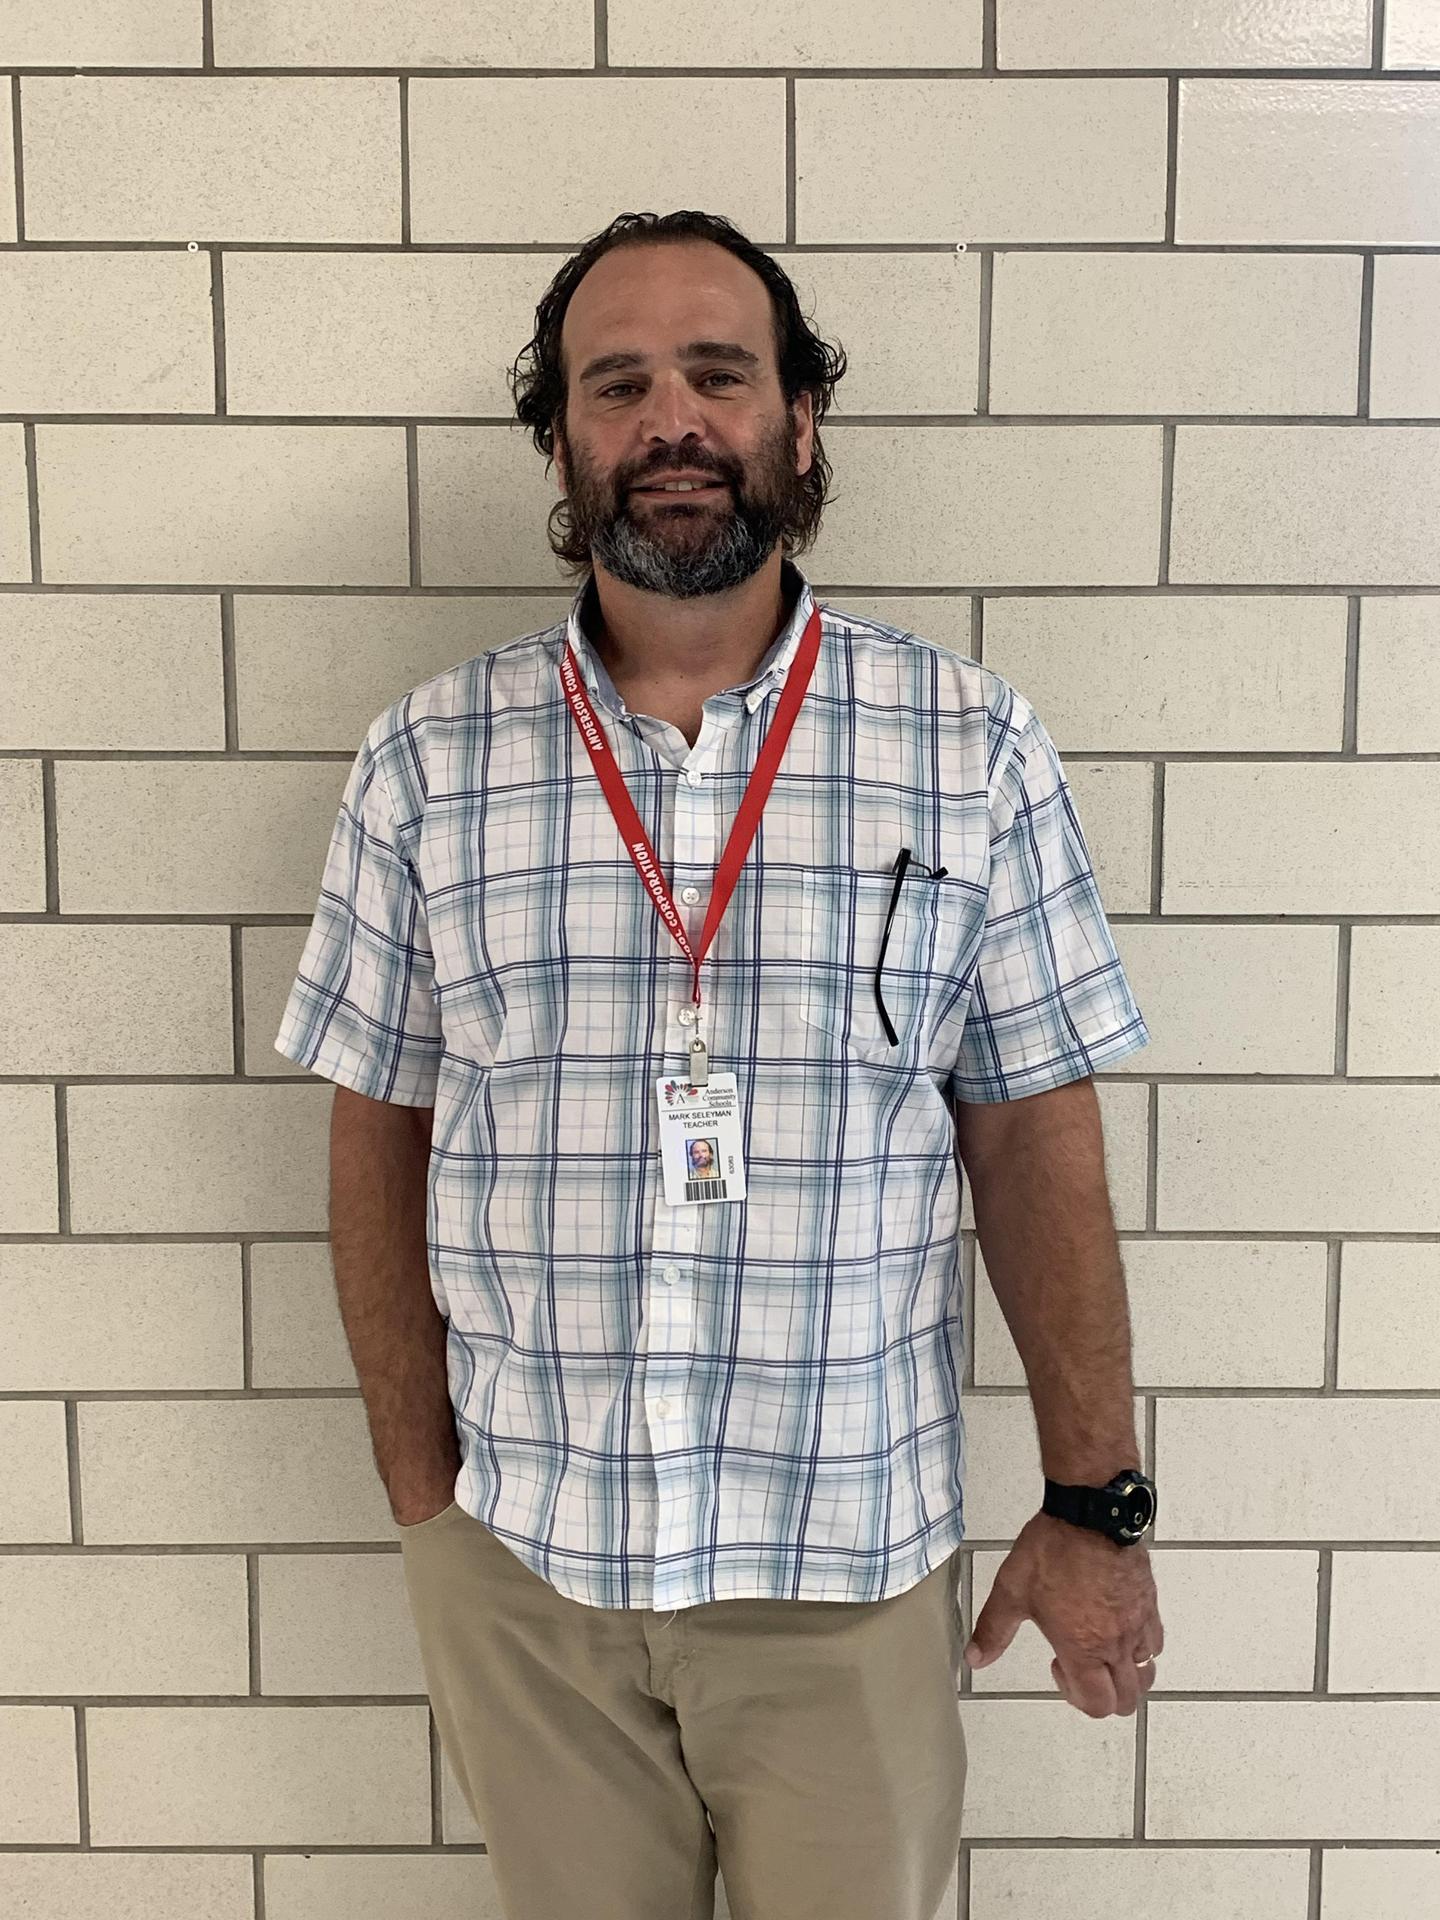 Mr. Seleyman